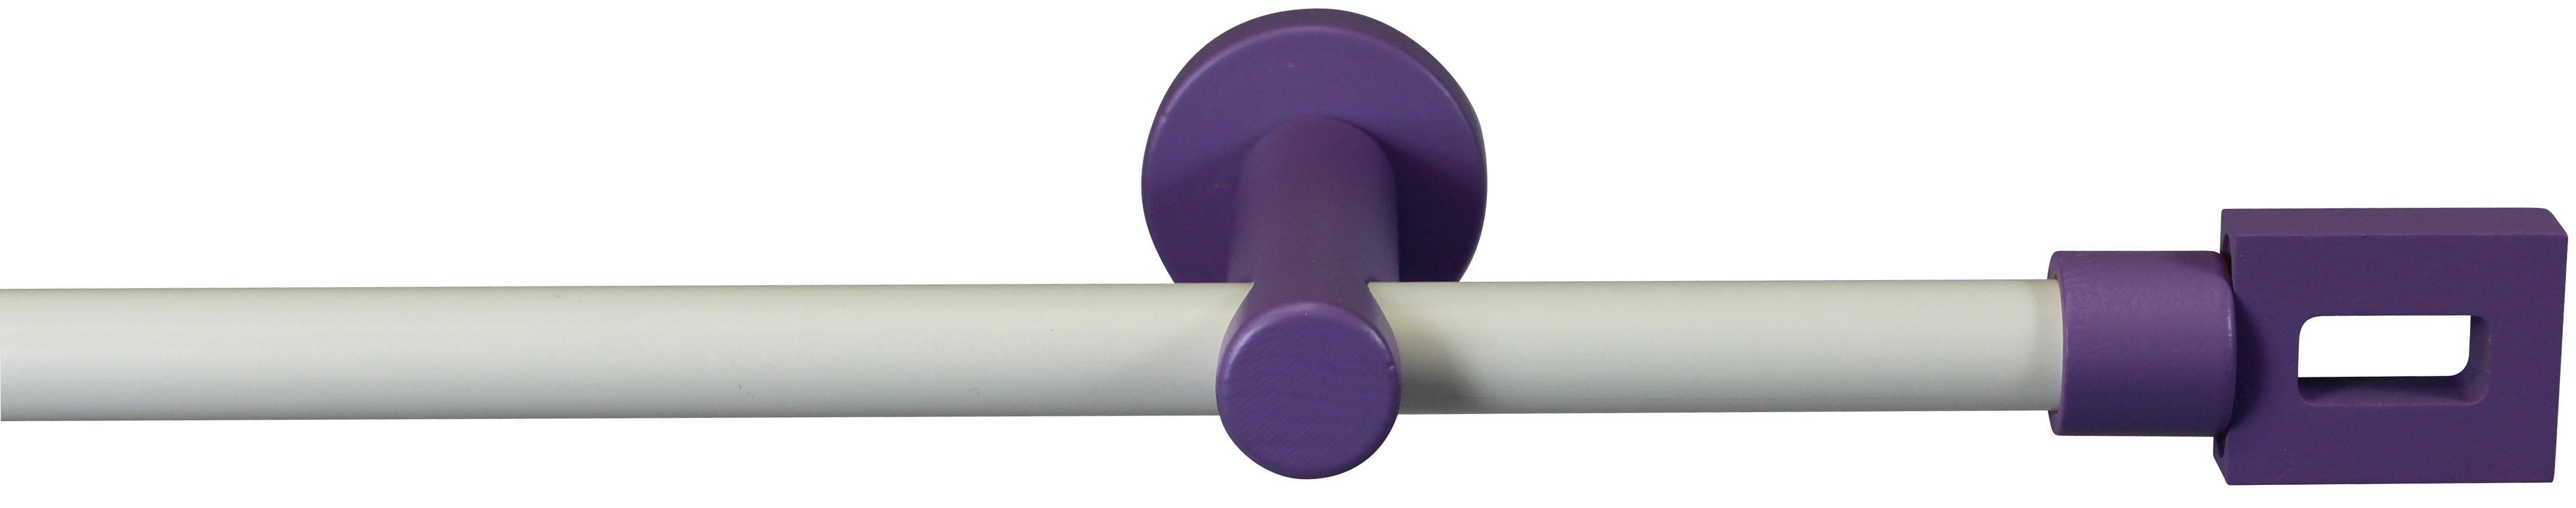 Gardinenstange, Garesa, »Capaus«, Ø 20mmm, 1- oder 2-läufig nach Maß | Heimtextilien > Gardinen und Vorhänge > Gardinenstangen | Metall | GARESA